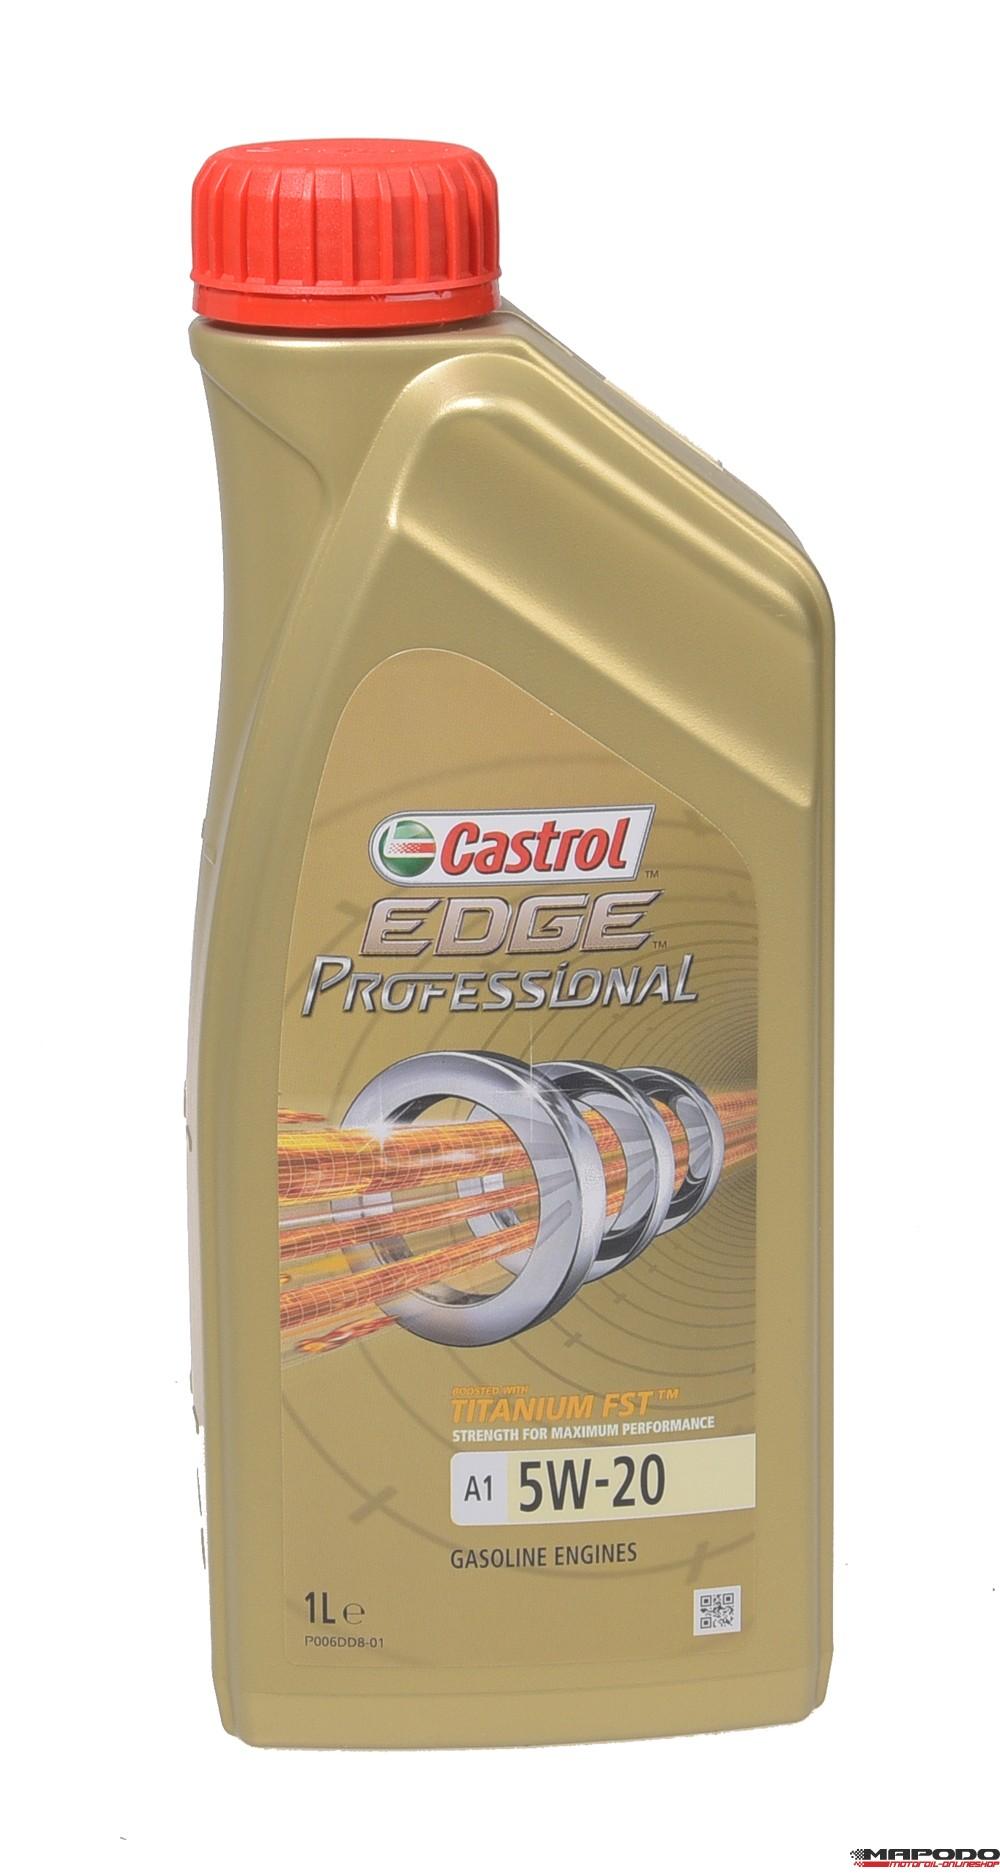 Castrol EDGE Professional A1 5W-20